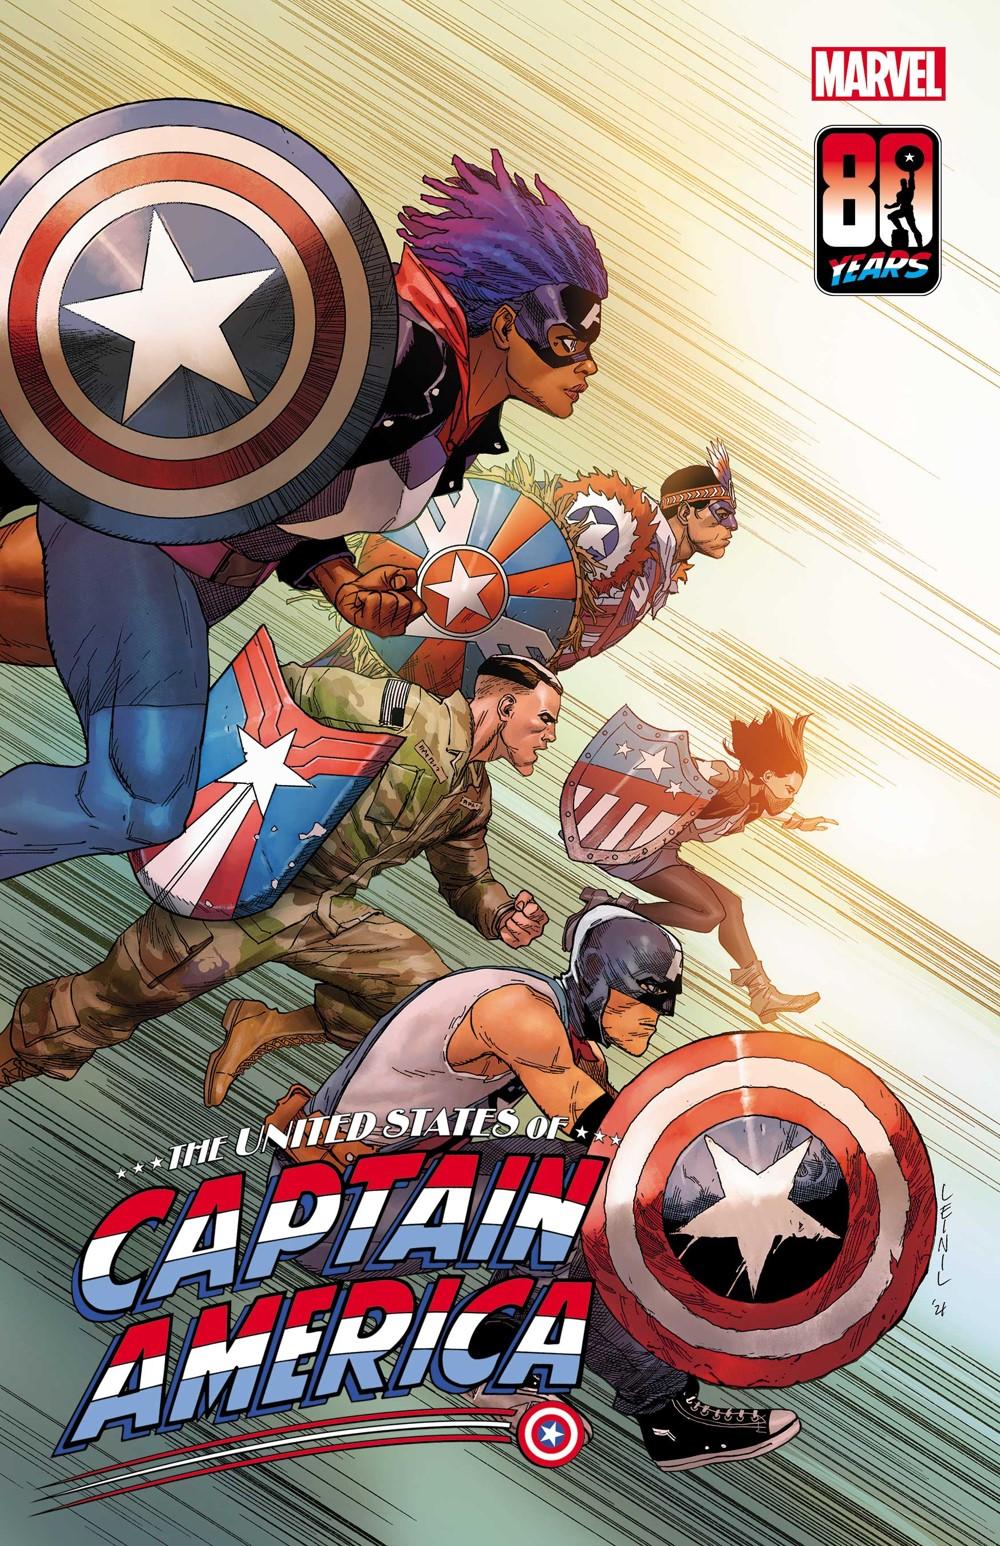 USOFCAP2021005_Yu-Variant-Cov-1 Marvel Comics October 2021 Solicitations